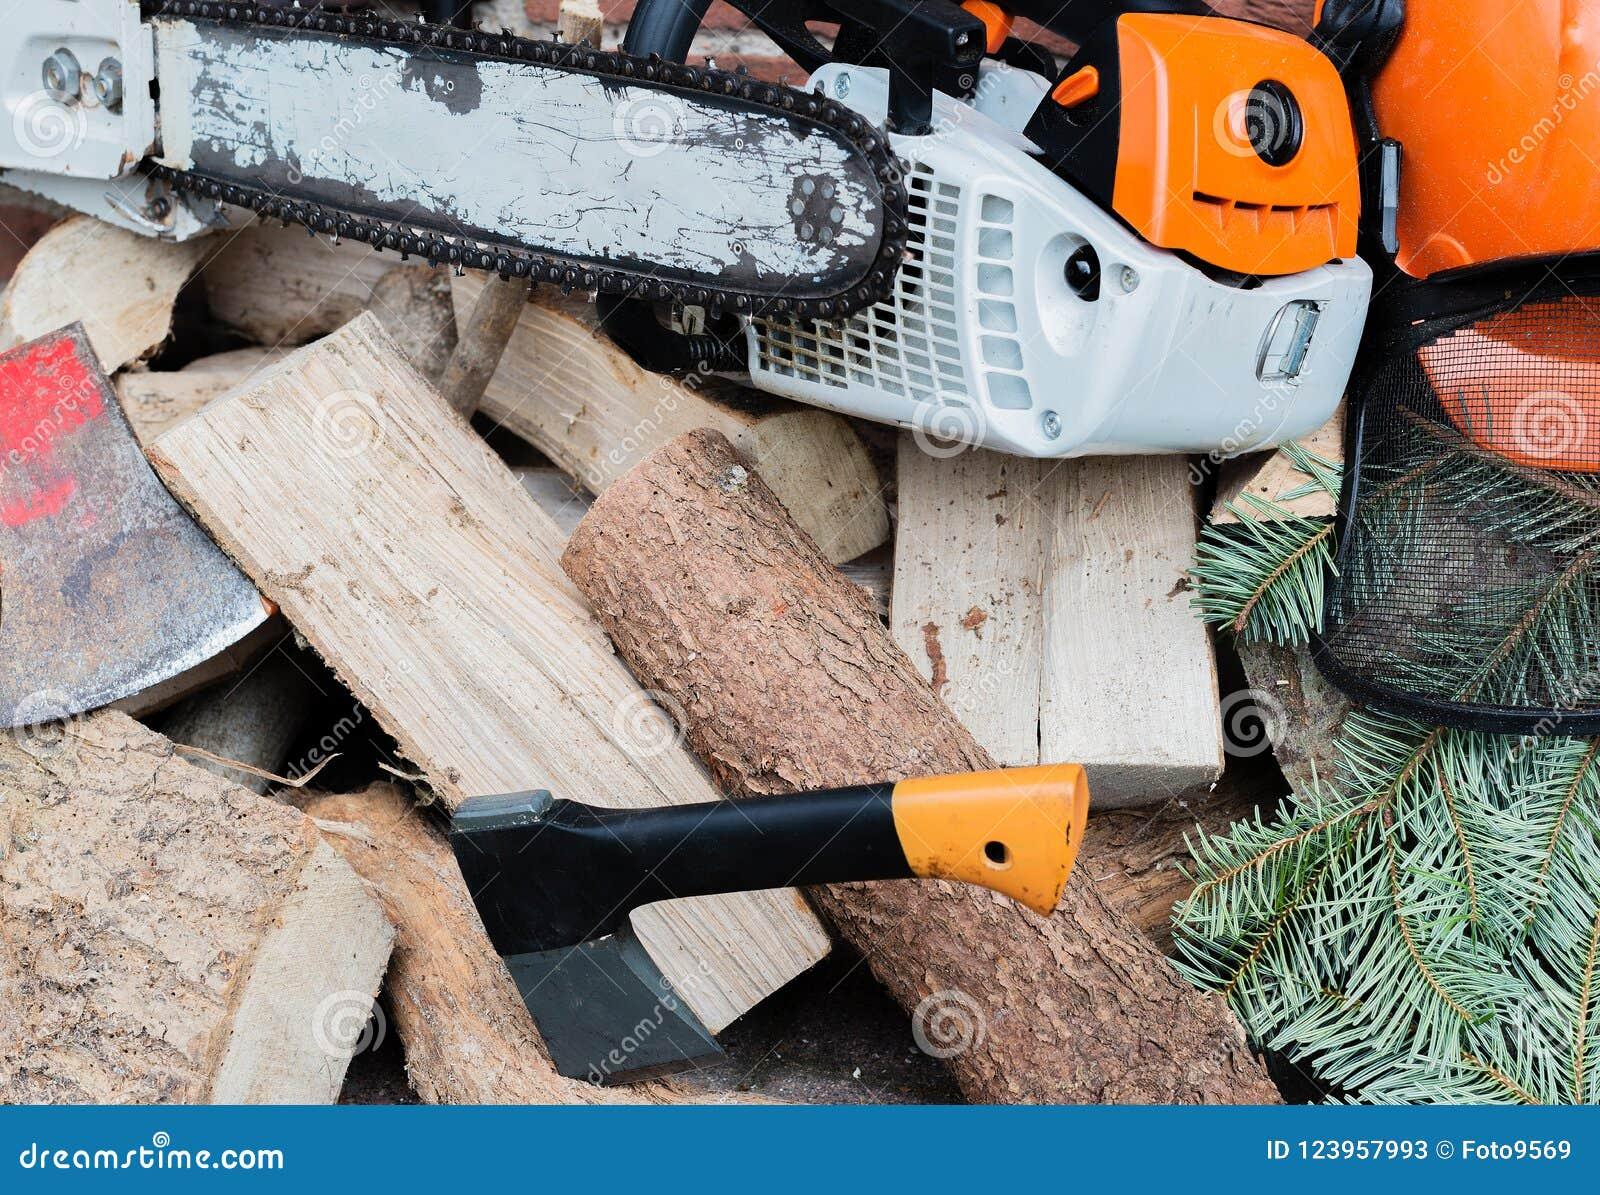 Προσανατολισμένο προς τη βενζίνη πριόνι αλυσίδων σε έναν ξύλινο σωρό